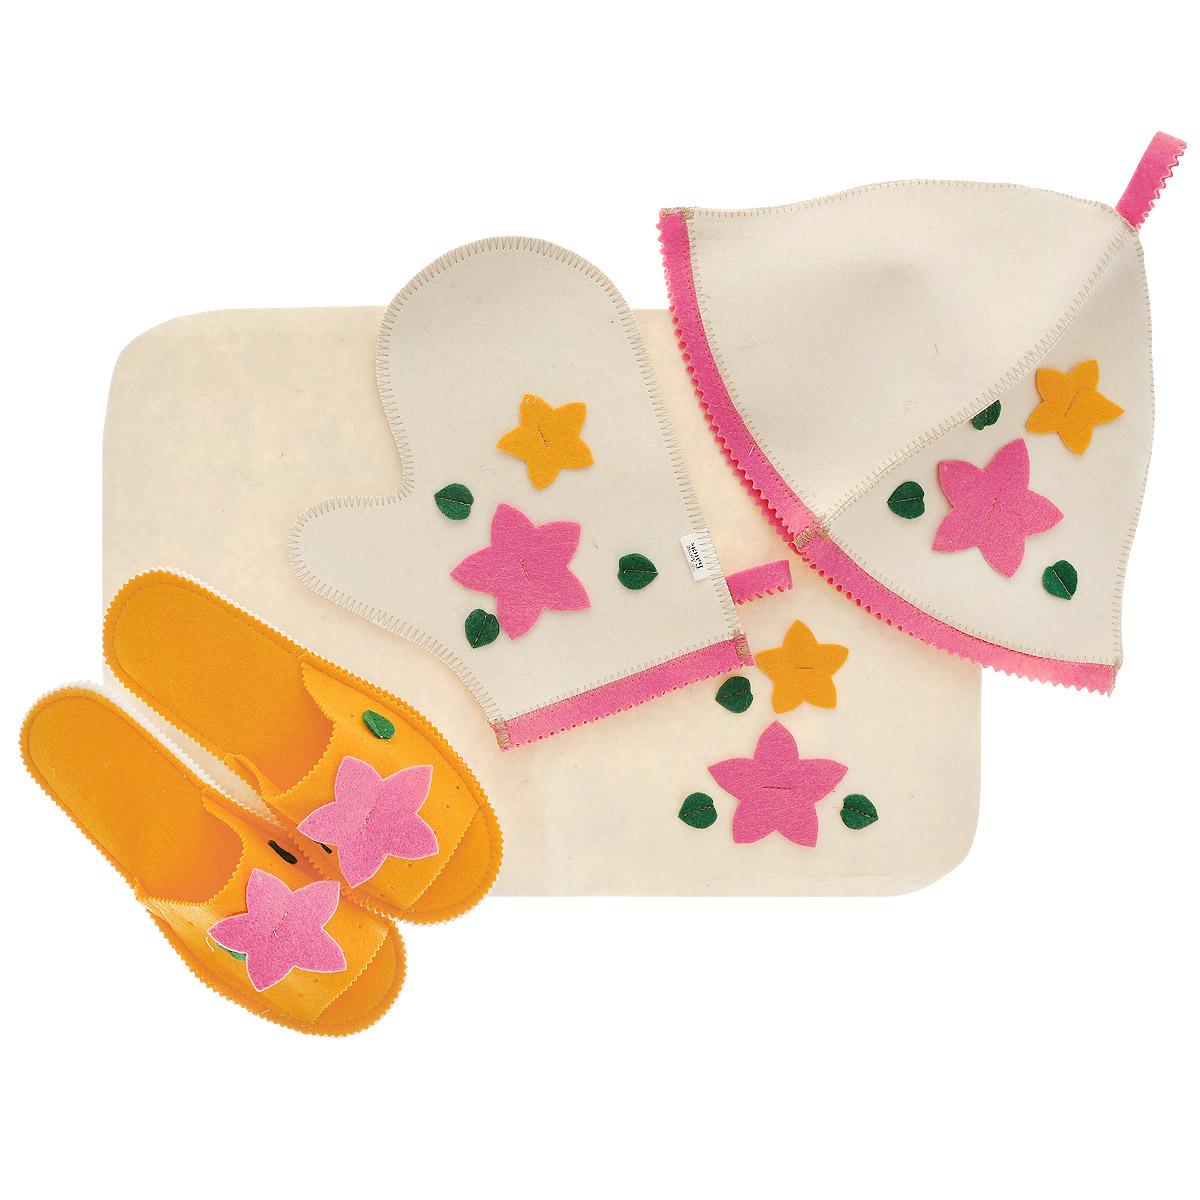 Набор для бани и сауны Доктор баня Букет, цвет: оранжевый, розовый, 4 предмета904710Набор для бани и сауны Доктор баня Букет, выполненный из фетра, привлечет внимание любителей модных тенденций в банной одежде. В набор входят все необходимые аксессуары, для того чтобы банный поход принес вам только радость. Набор состоит из коврика, шапки, рукавицы и тапочек. Шапка - незаменимая вещь в парной. Она необходима для того, чтобы не перегреть голову, также она должна хорошо впитывать влагу. Коврик убережет вас от горячей полки, защитит вас в общественной бане, а варежка обезопасит ваши руки от горячего пара или ручки ковша. Рукавицей можно также прекрасно помассировать тело. Тапочки сделают ваше пребывание в бане комфортным. Все предметы декорированы аппликацией в виде цветов и листьев. Диаметр основания шапки: 35 см. Высота шапки: 24 см. Размер рукавицы: 22,5 х 27 см. Размер коврика: 33 х 50 см. Длина тапок: 26 см. Наибольшая ширина тапок (по подошве): 10,5 см.